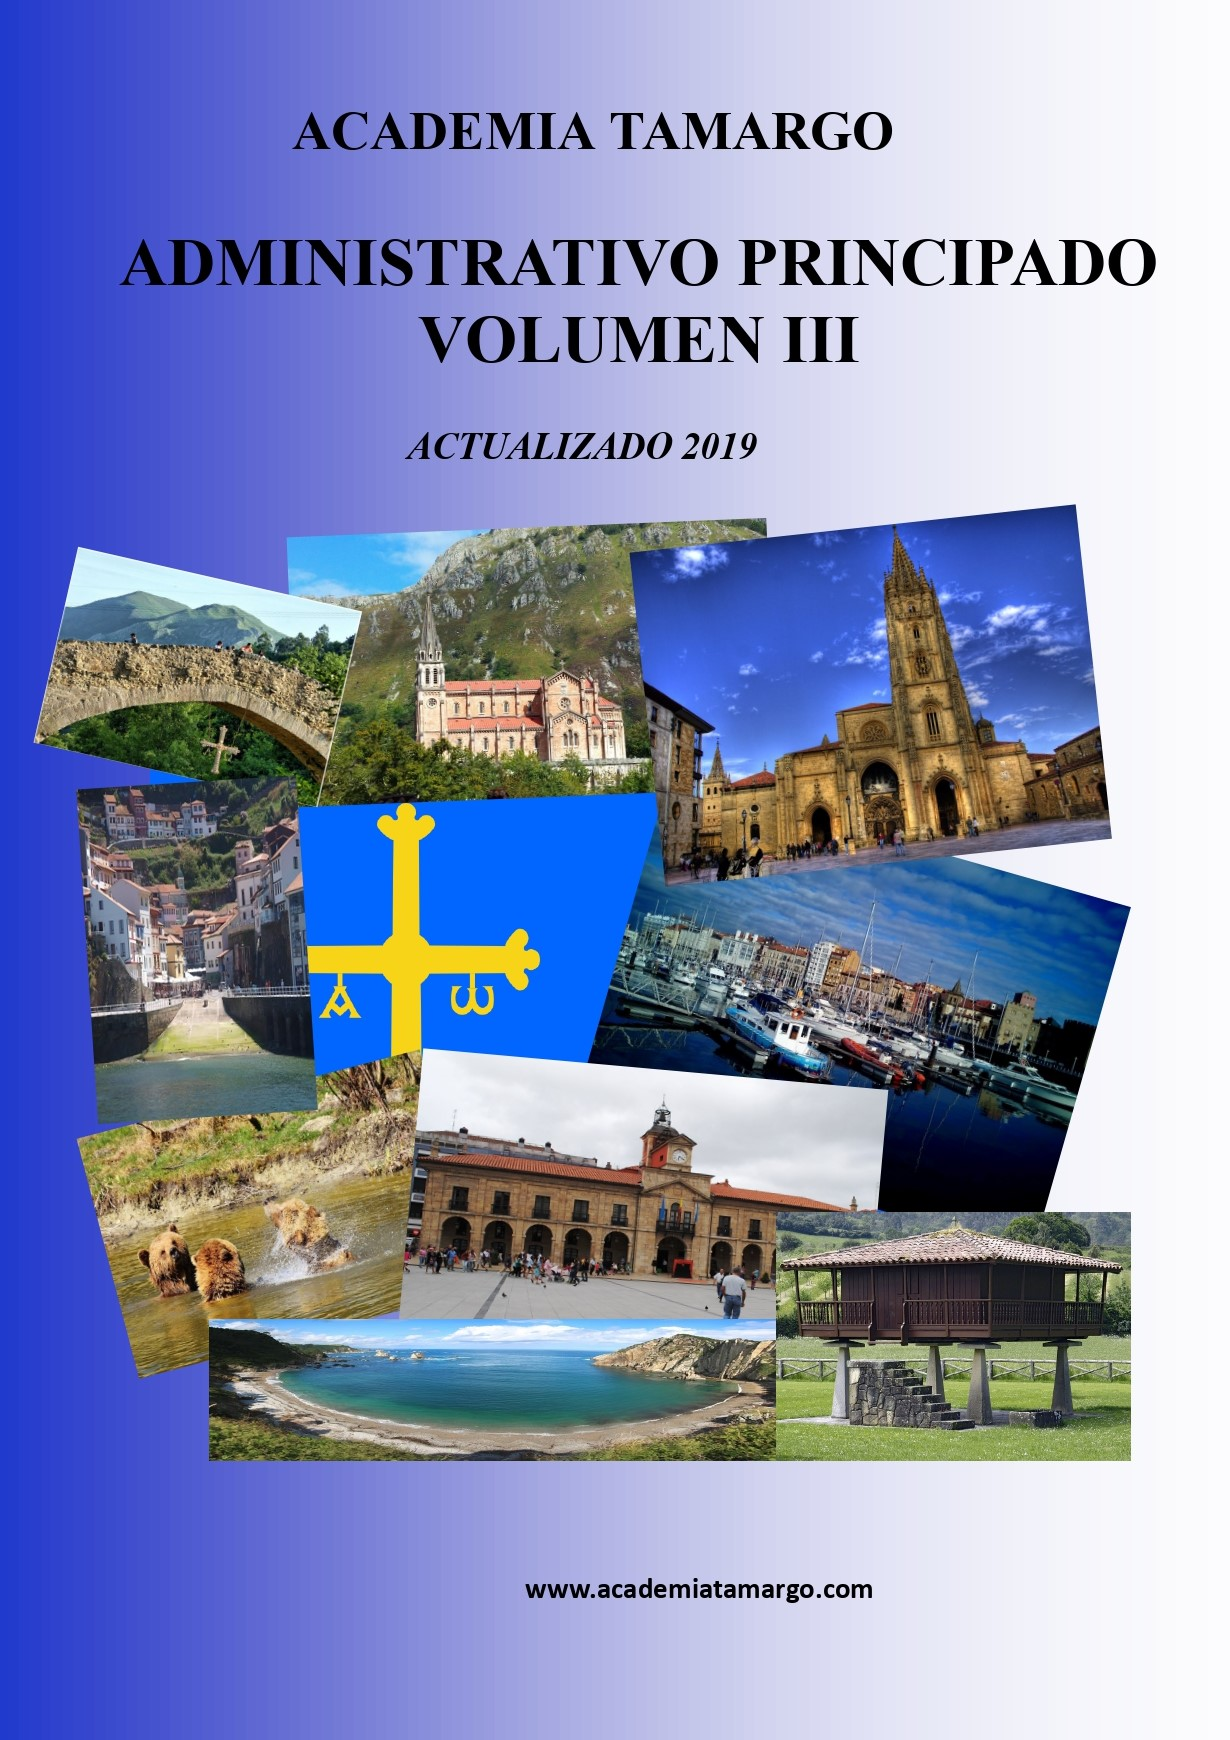 portada, contraportada y lomo de especifico del ADVO ppdo. VOL III_page-0001